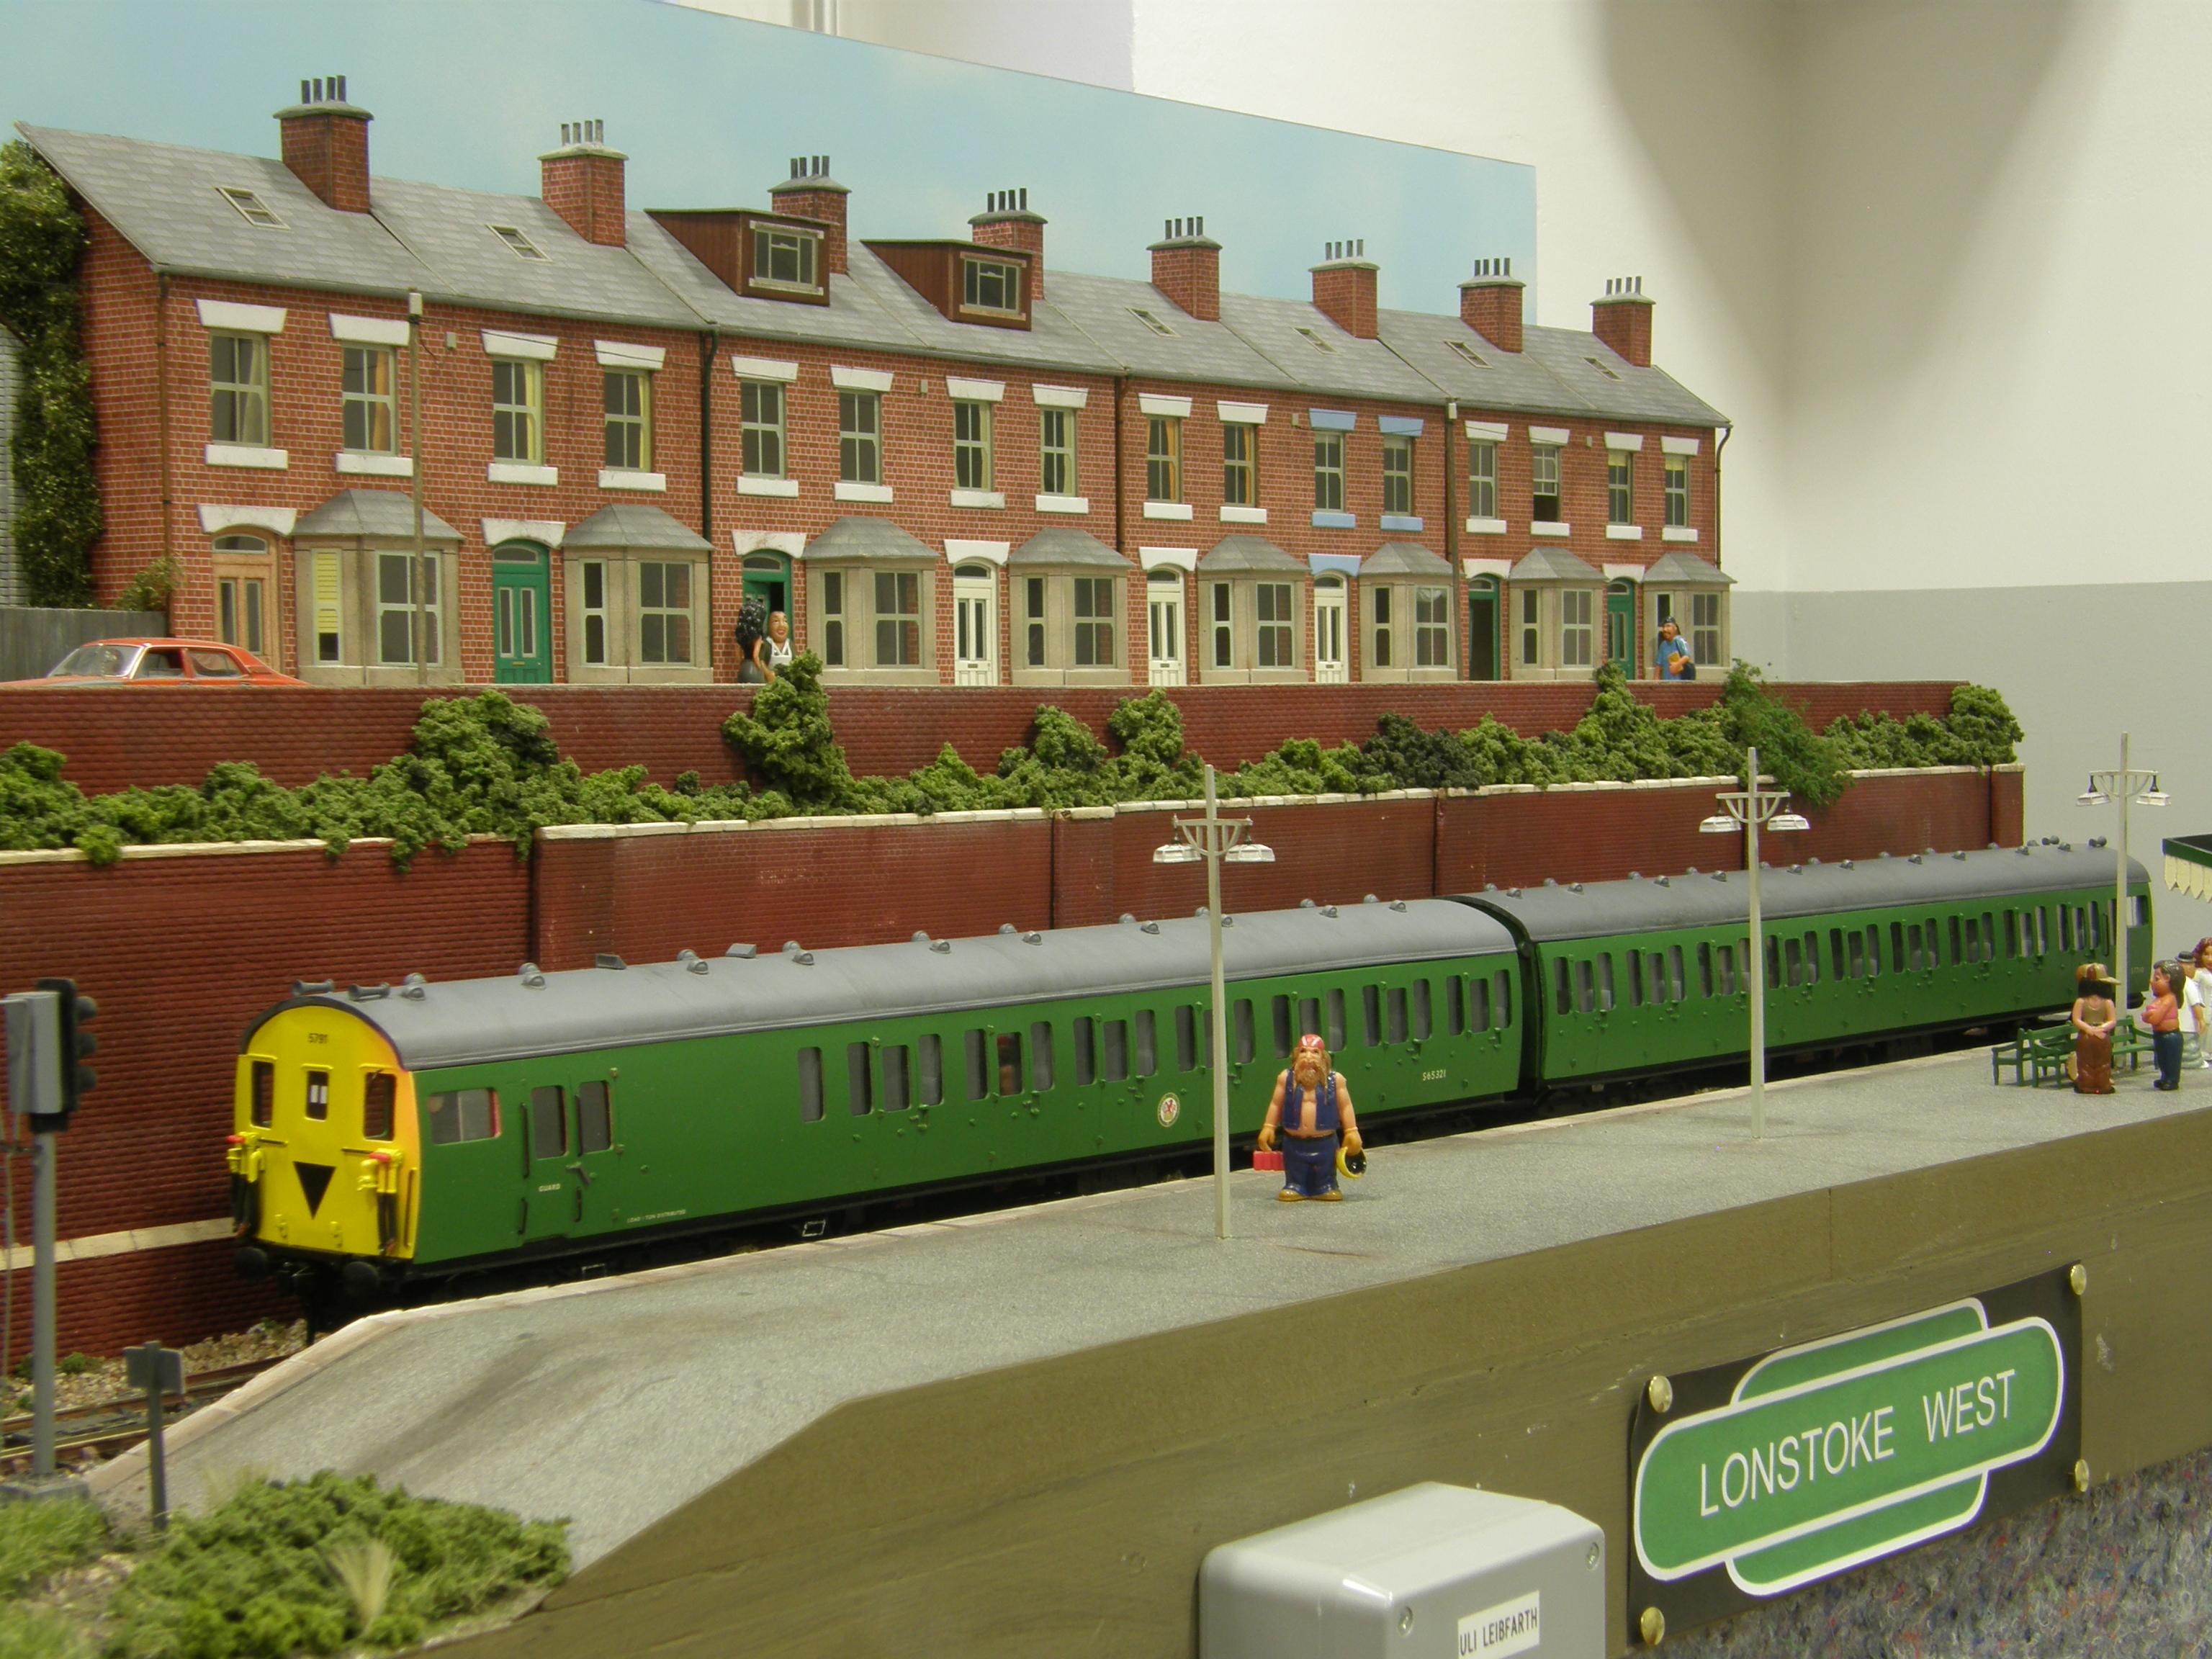 Platform Lonstoke West